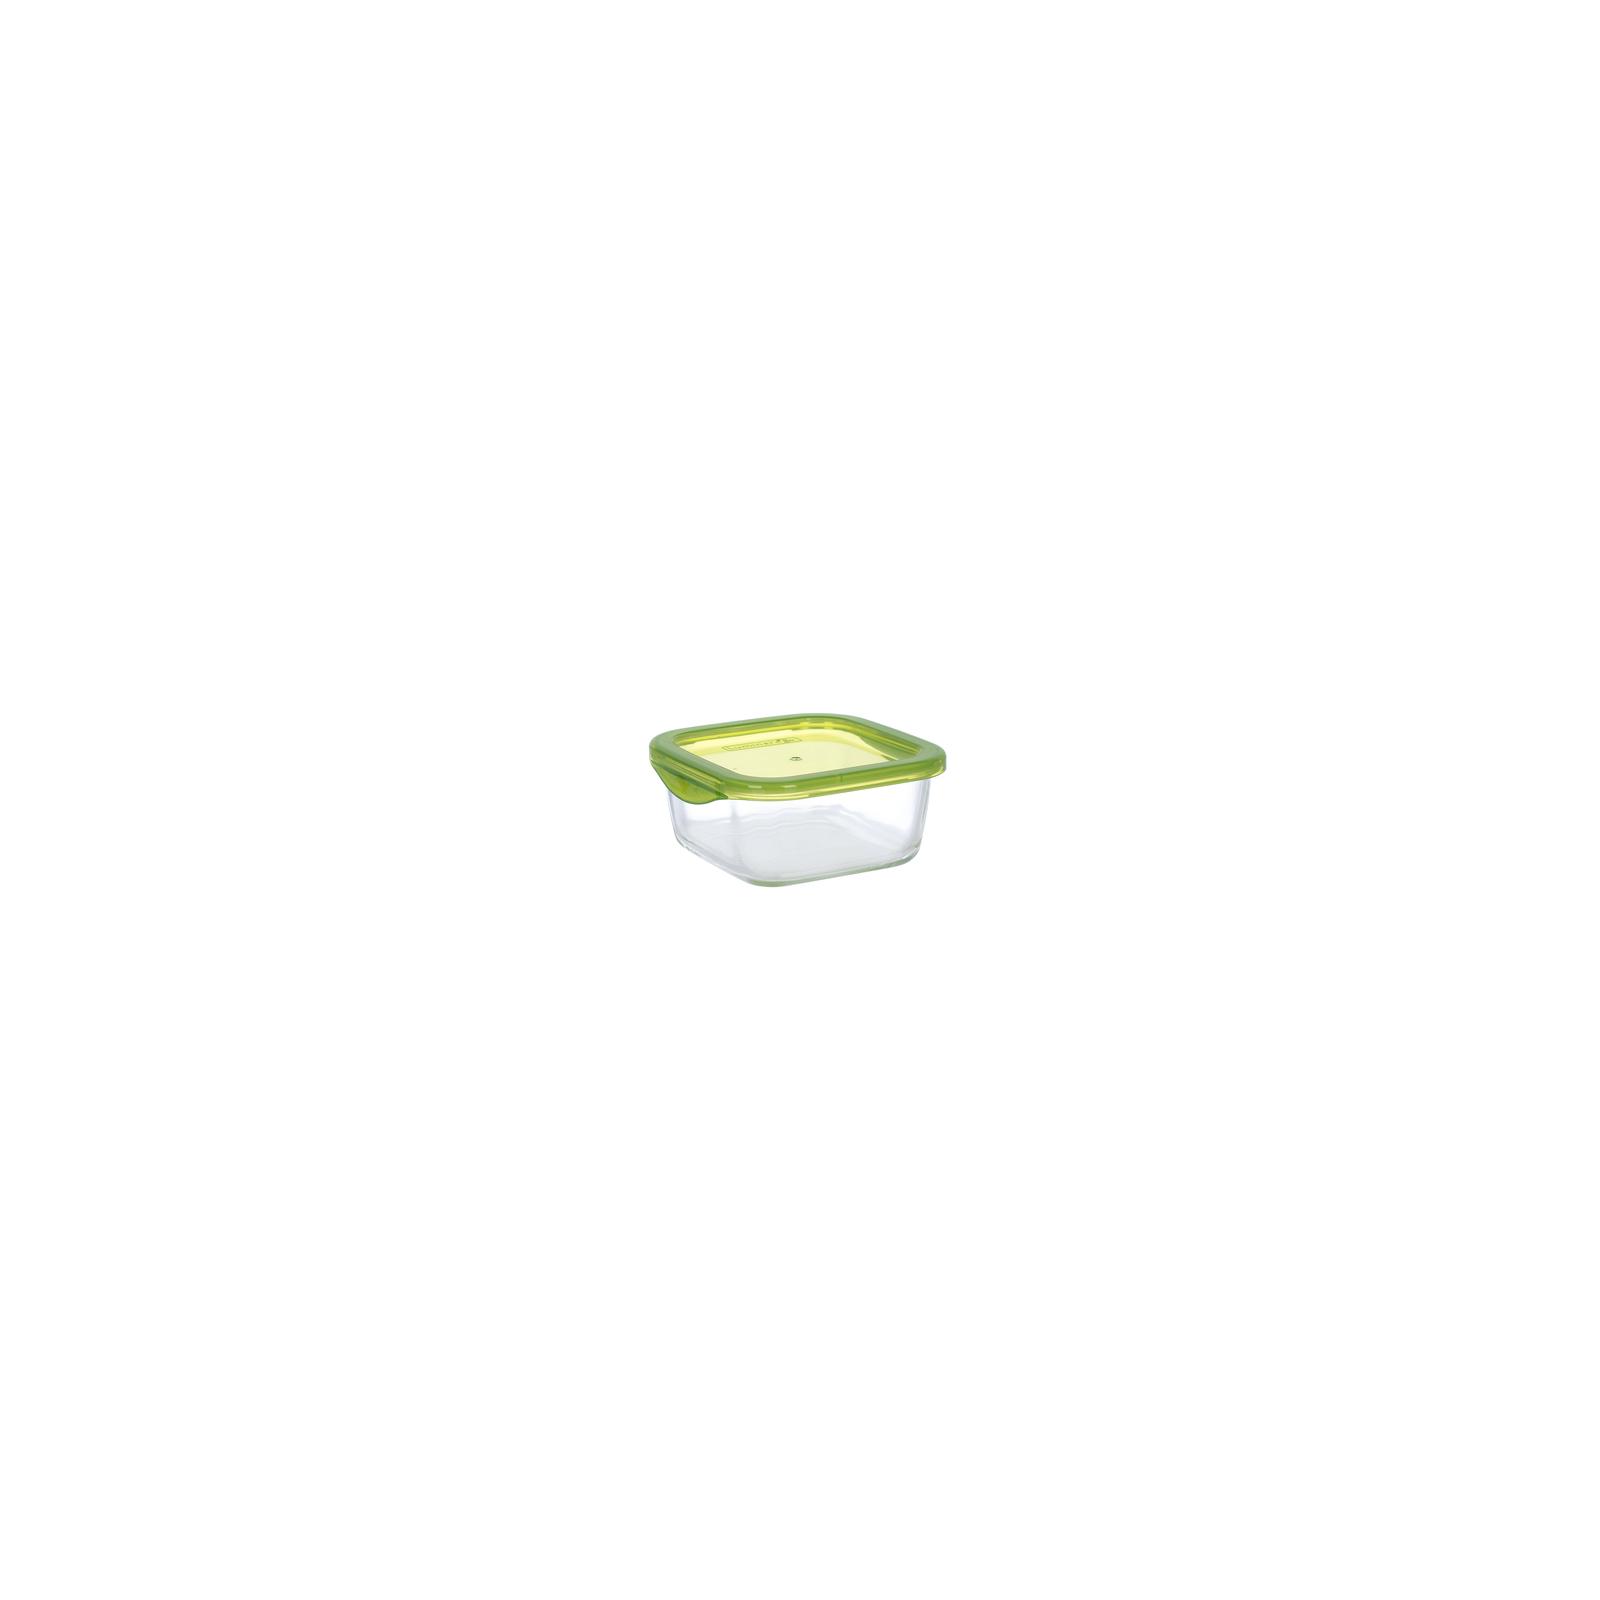 Пищевой контейнер Luminarc Keep'n Box квадр. 380 мл (P4525) изображение 2